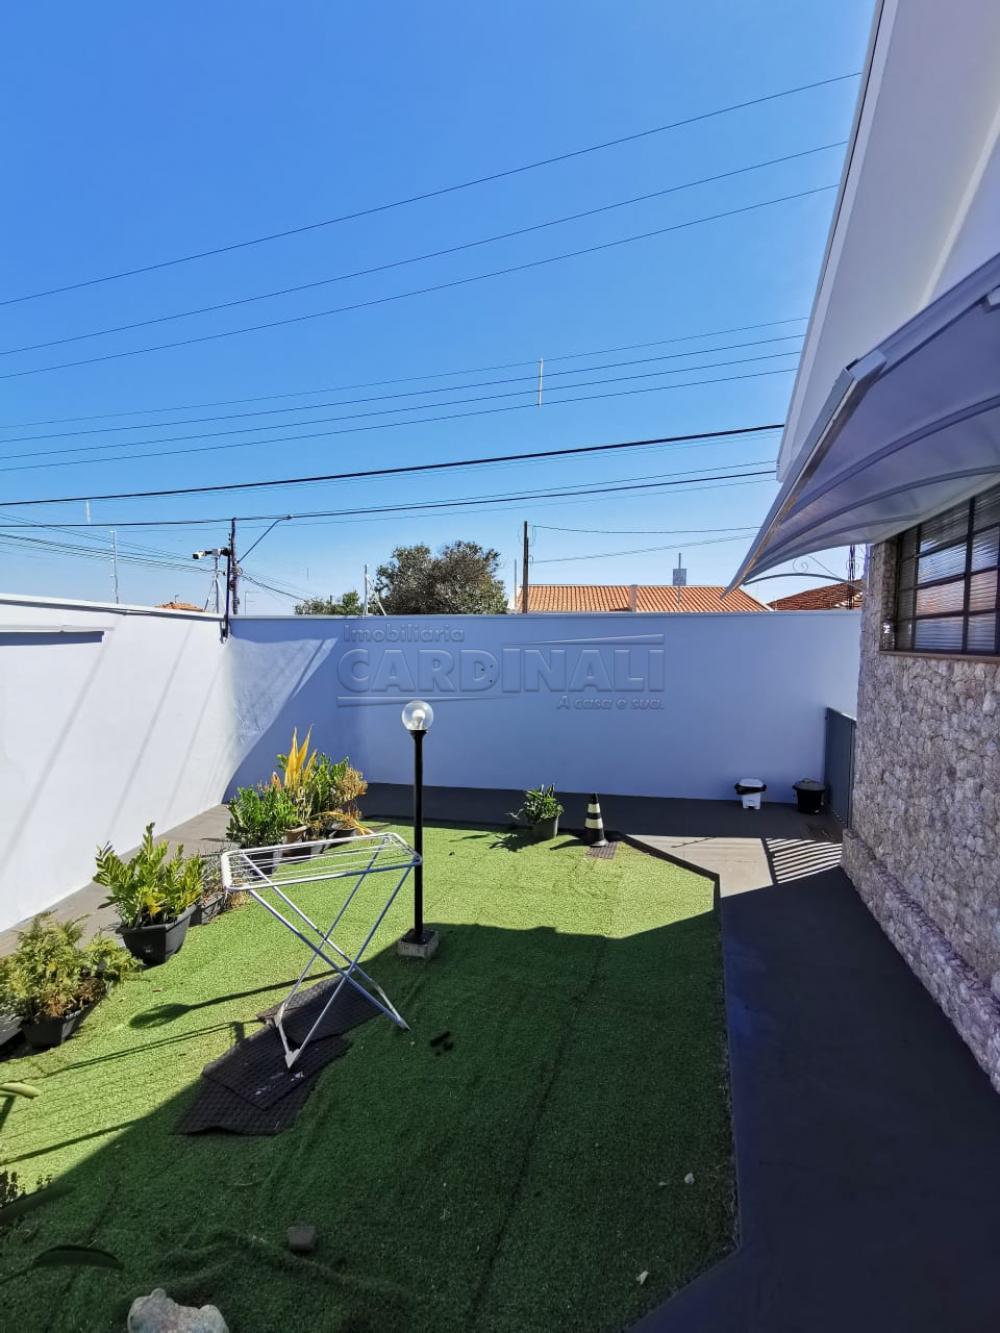 Comprar Casa / Padrão em Araraquara R$ 680.000,00 - Foto 9